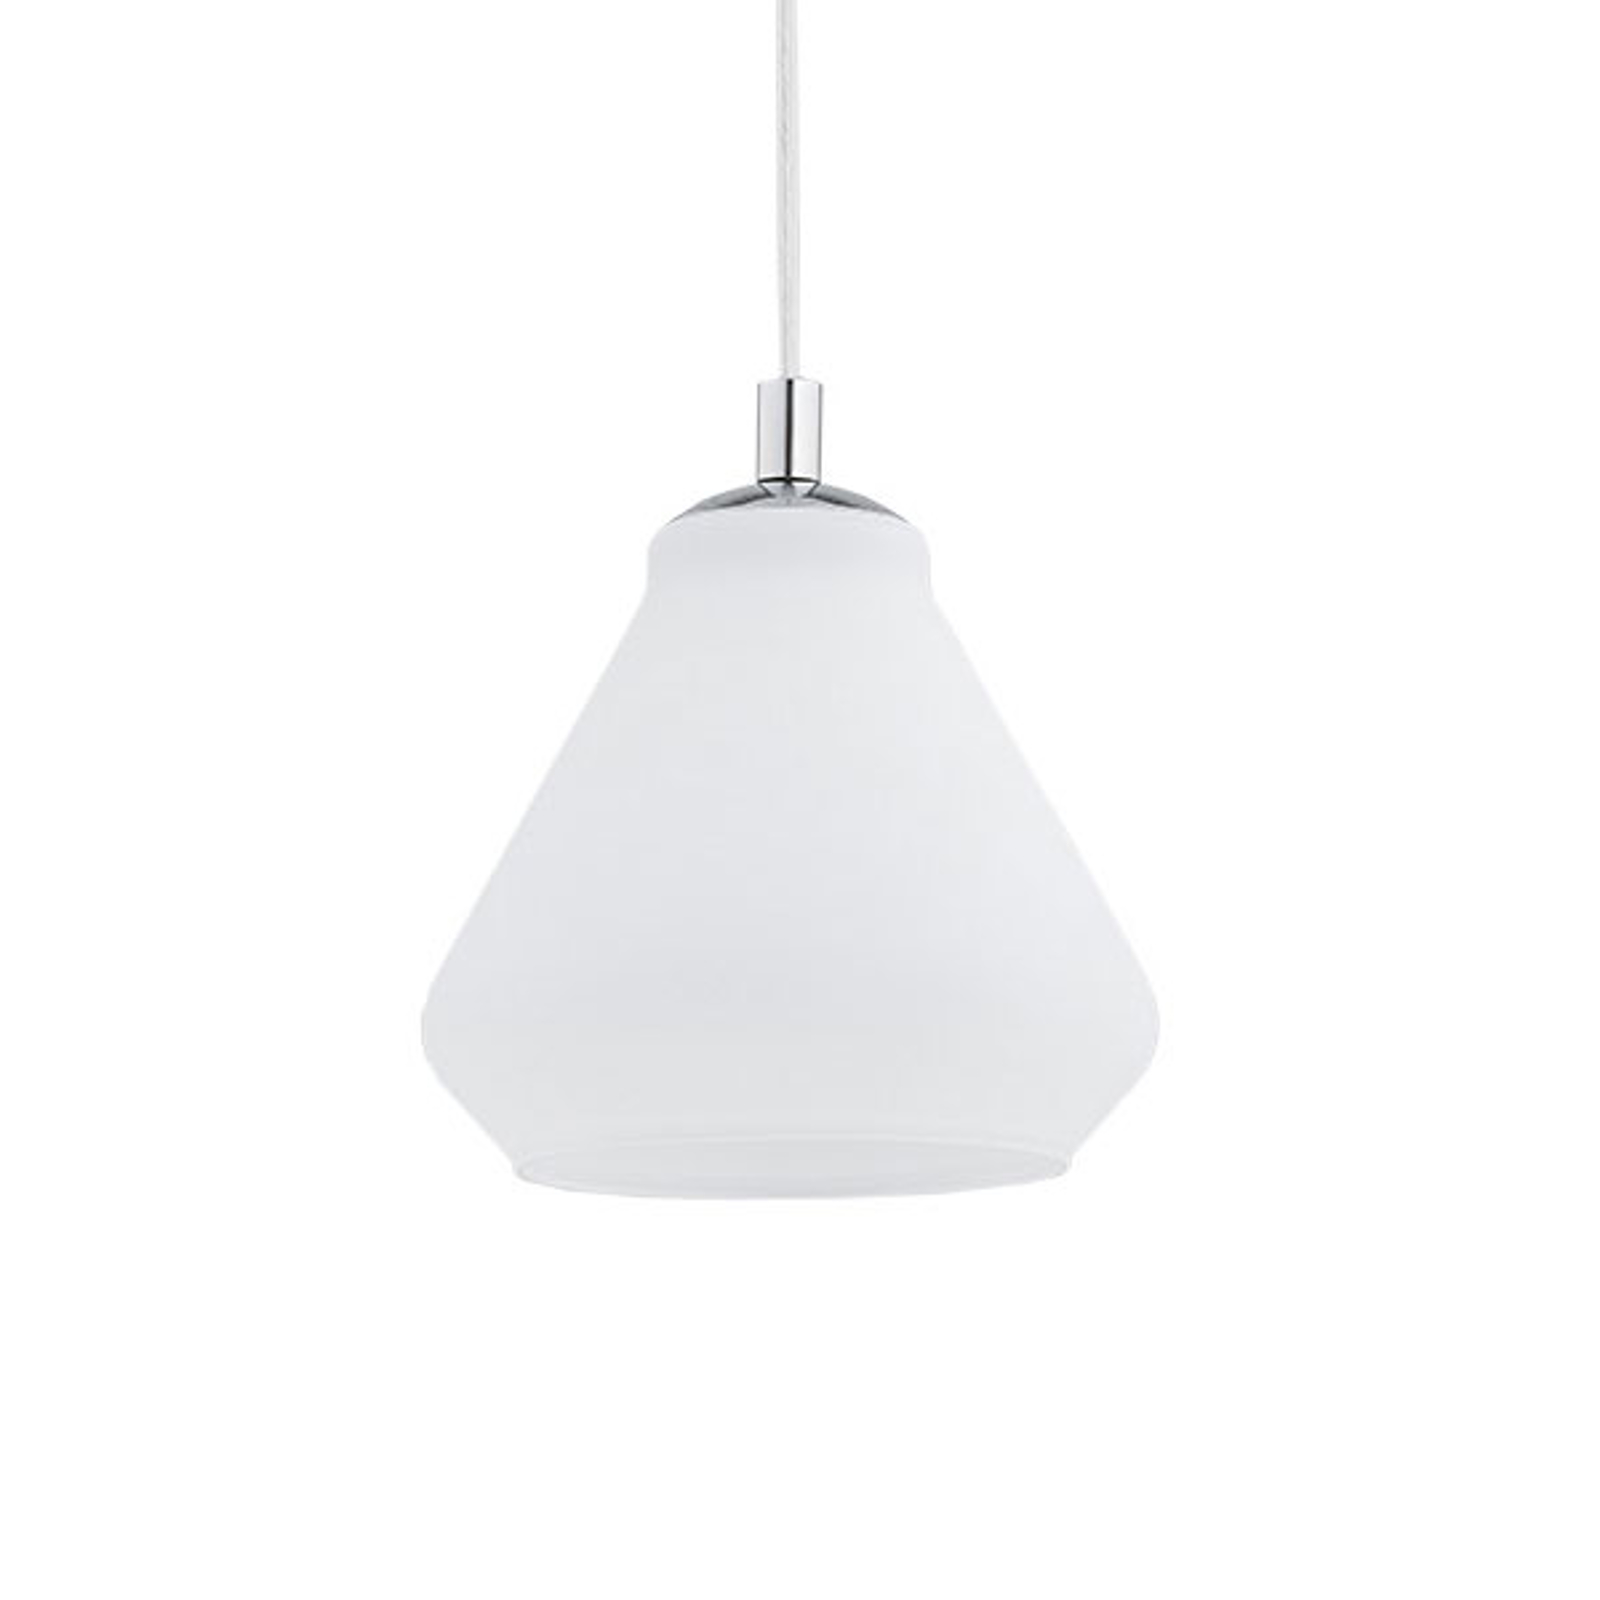 Destin hængelampe, 1 lyskilde, hvid/krom